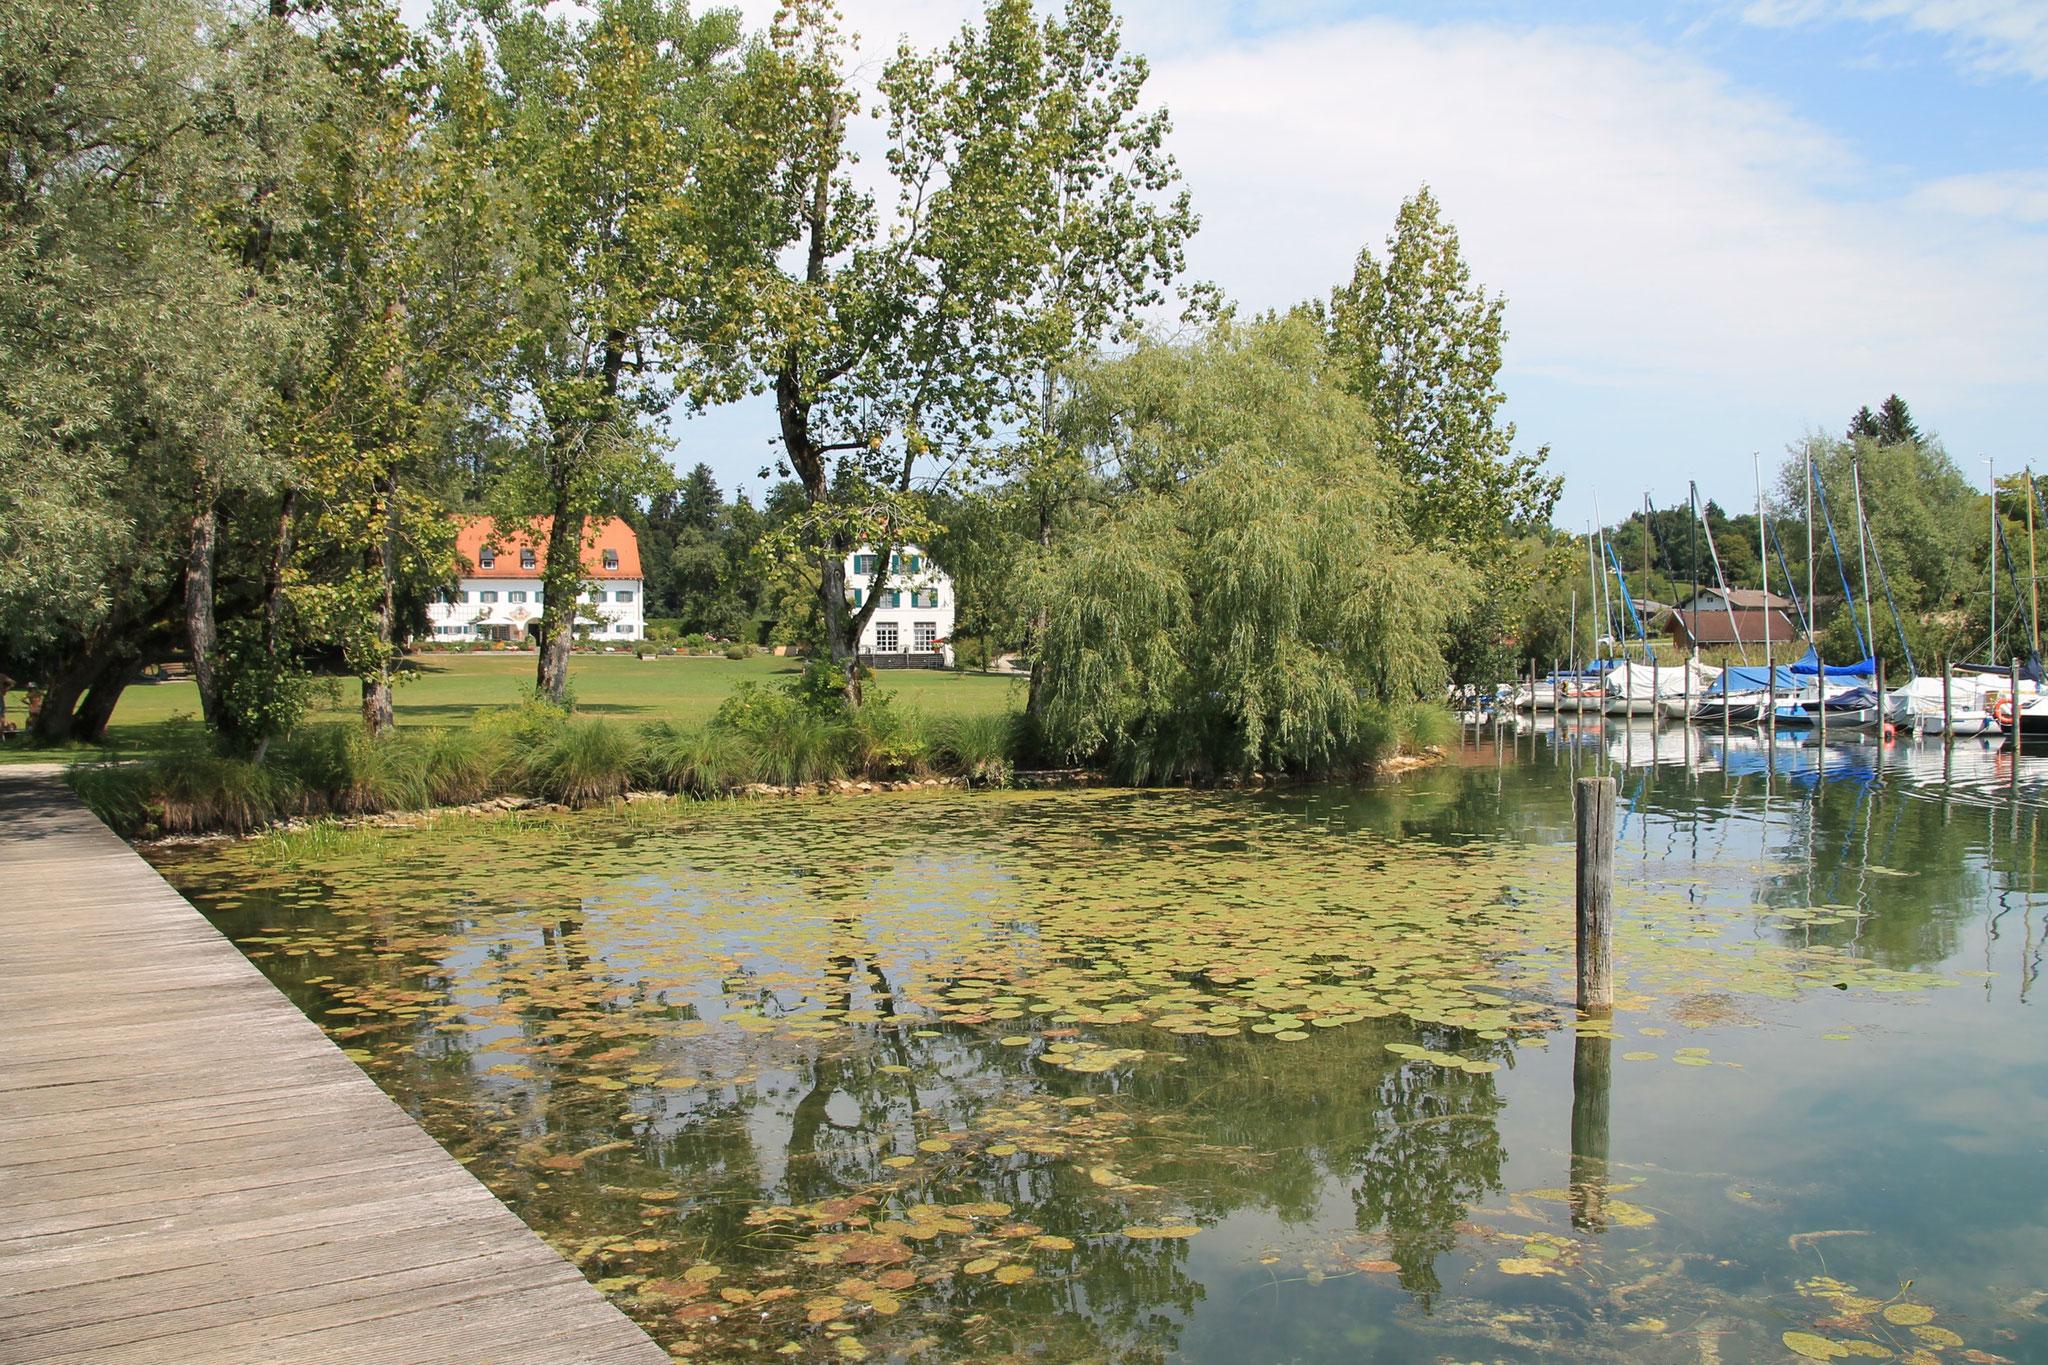 Steg und Ufer zum Anwesen